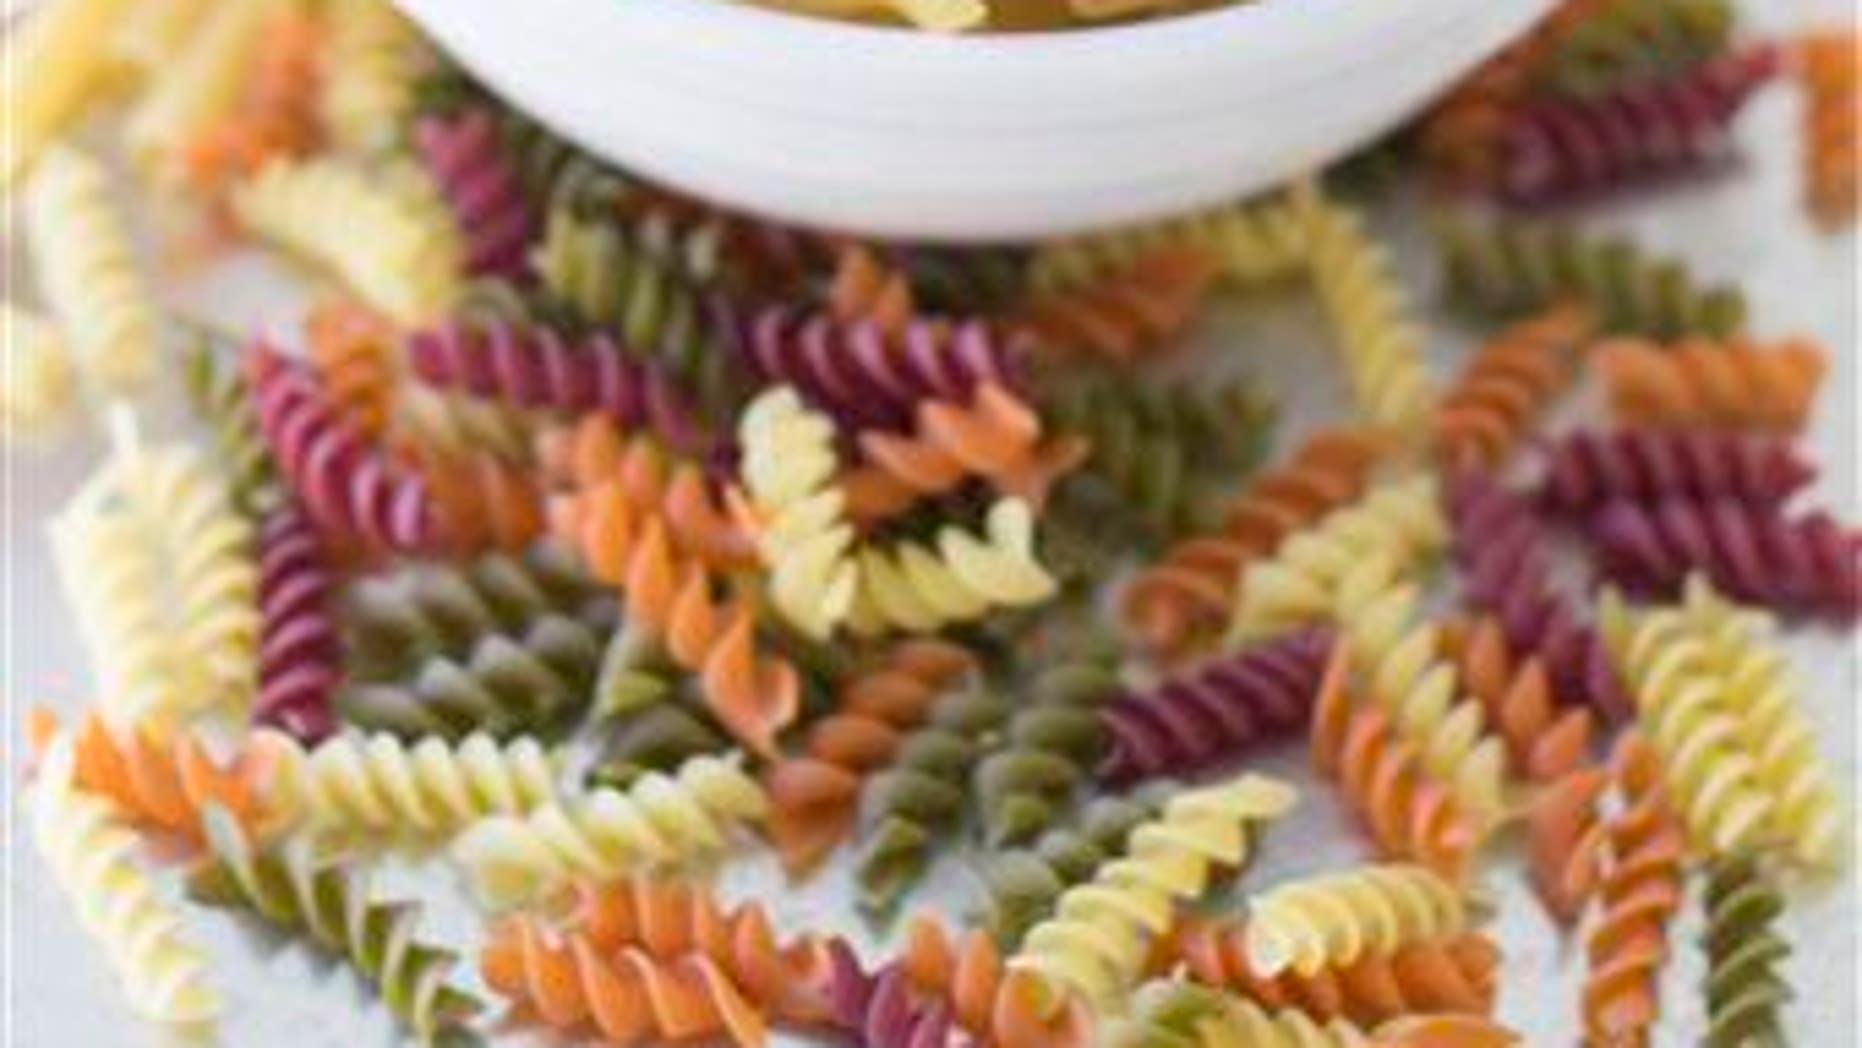 An assortment of pastas.